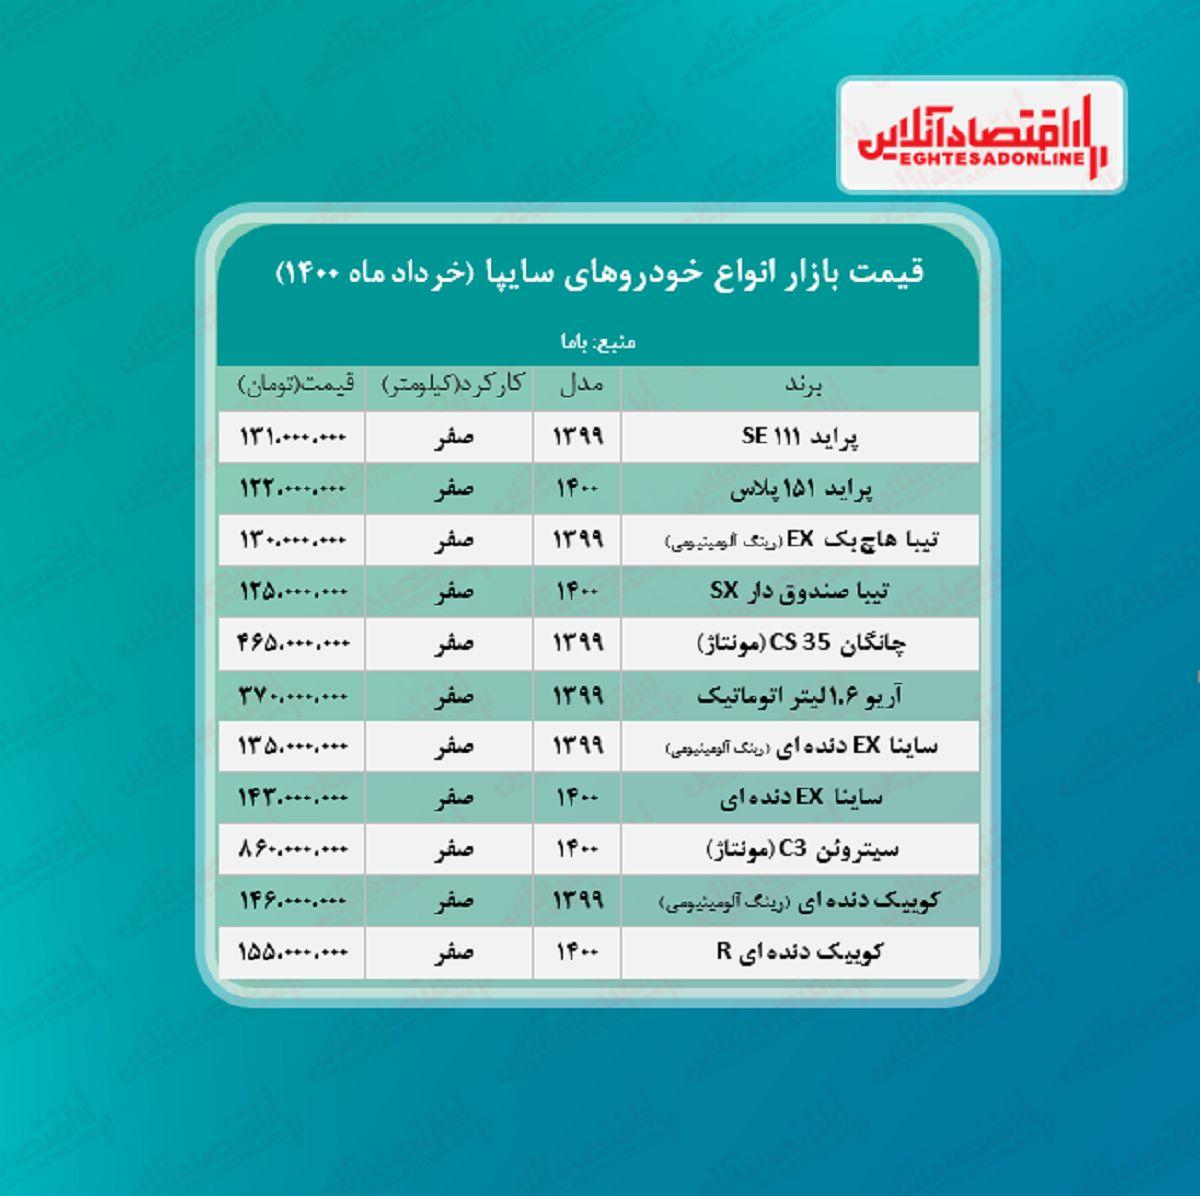 قیمت محصولات سایپا امروز ۱۴۰۰/۳/۹